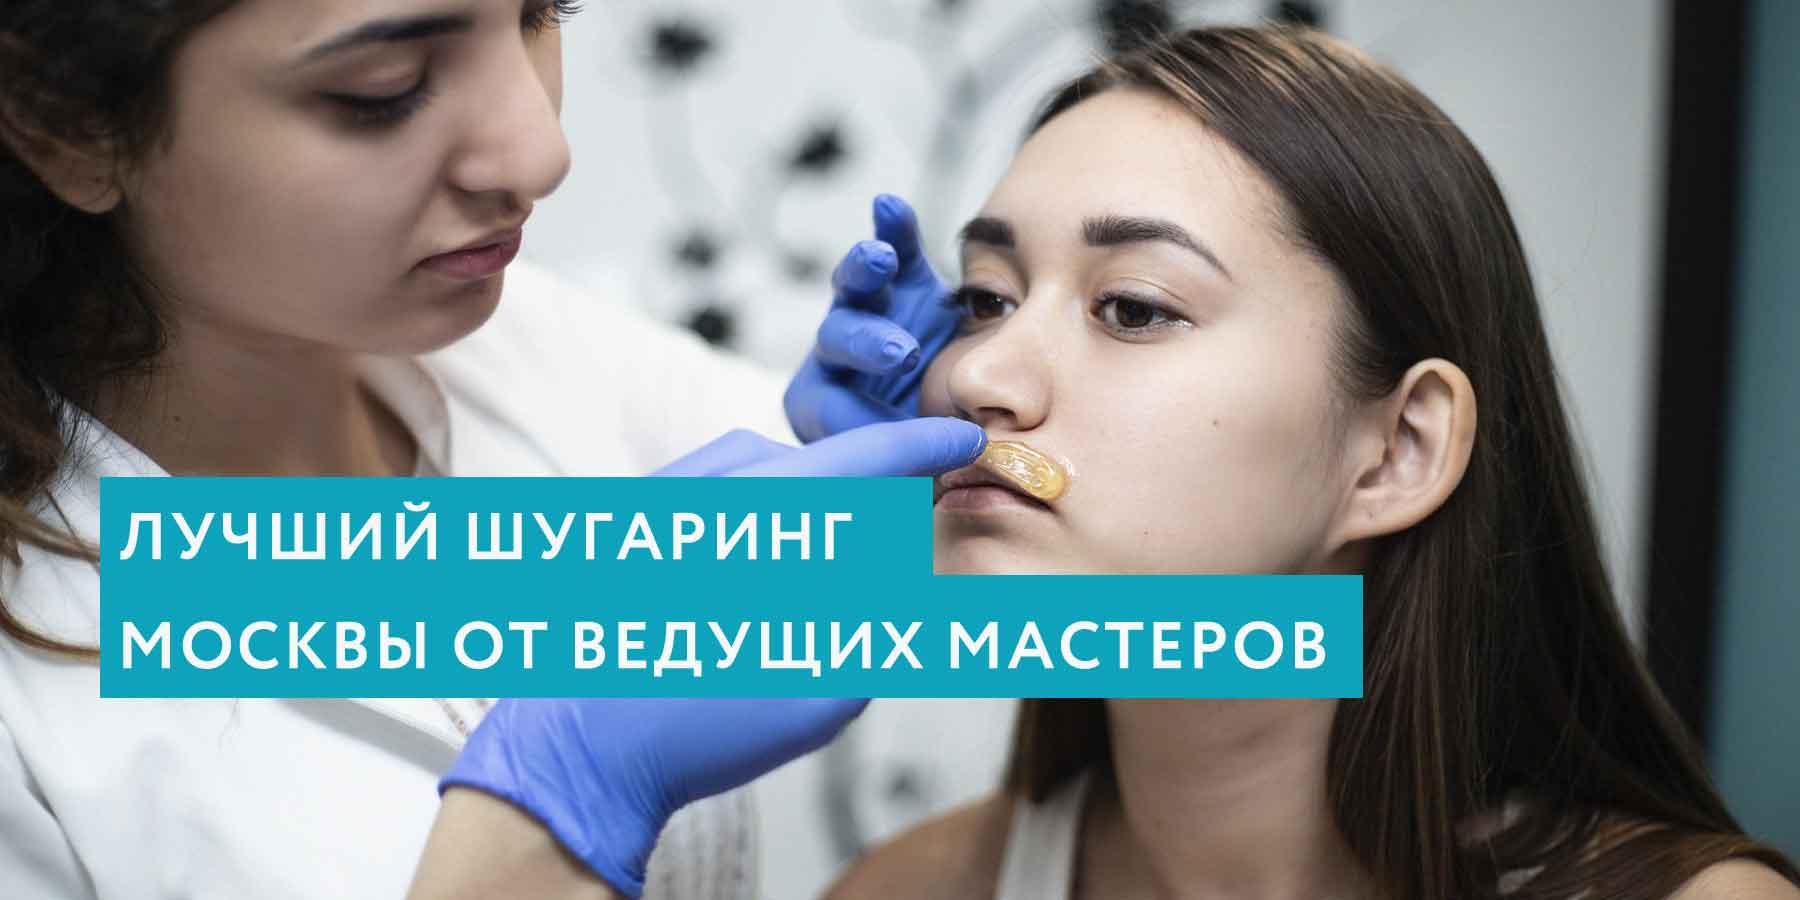 Лучший шугаринг Москвы от ведущих мастеров